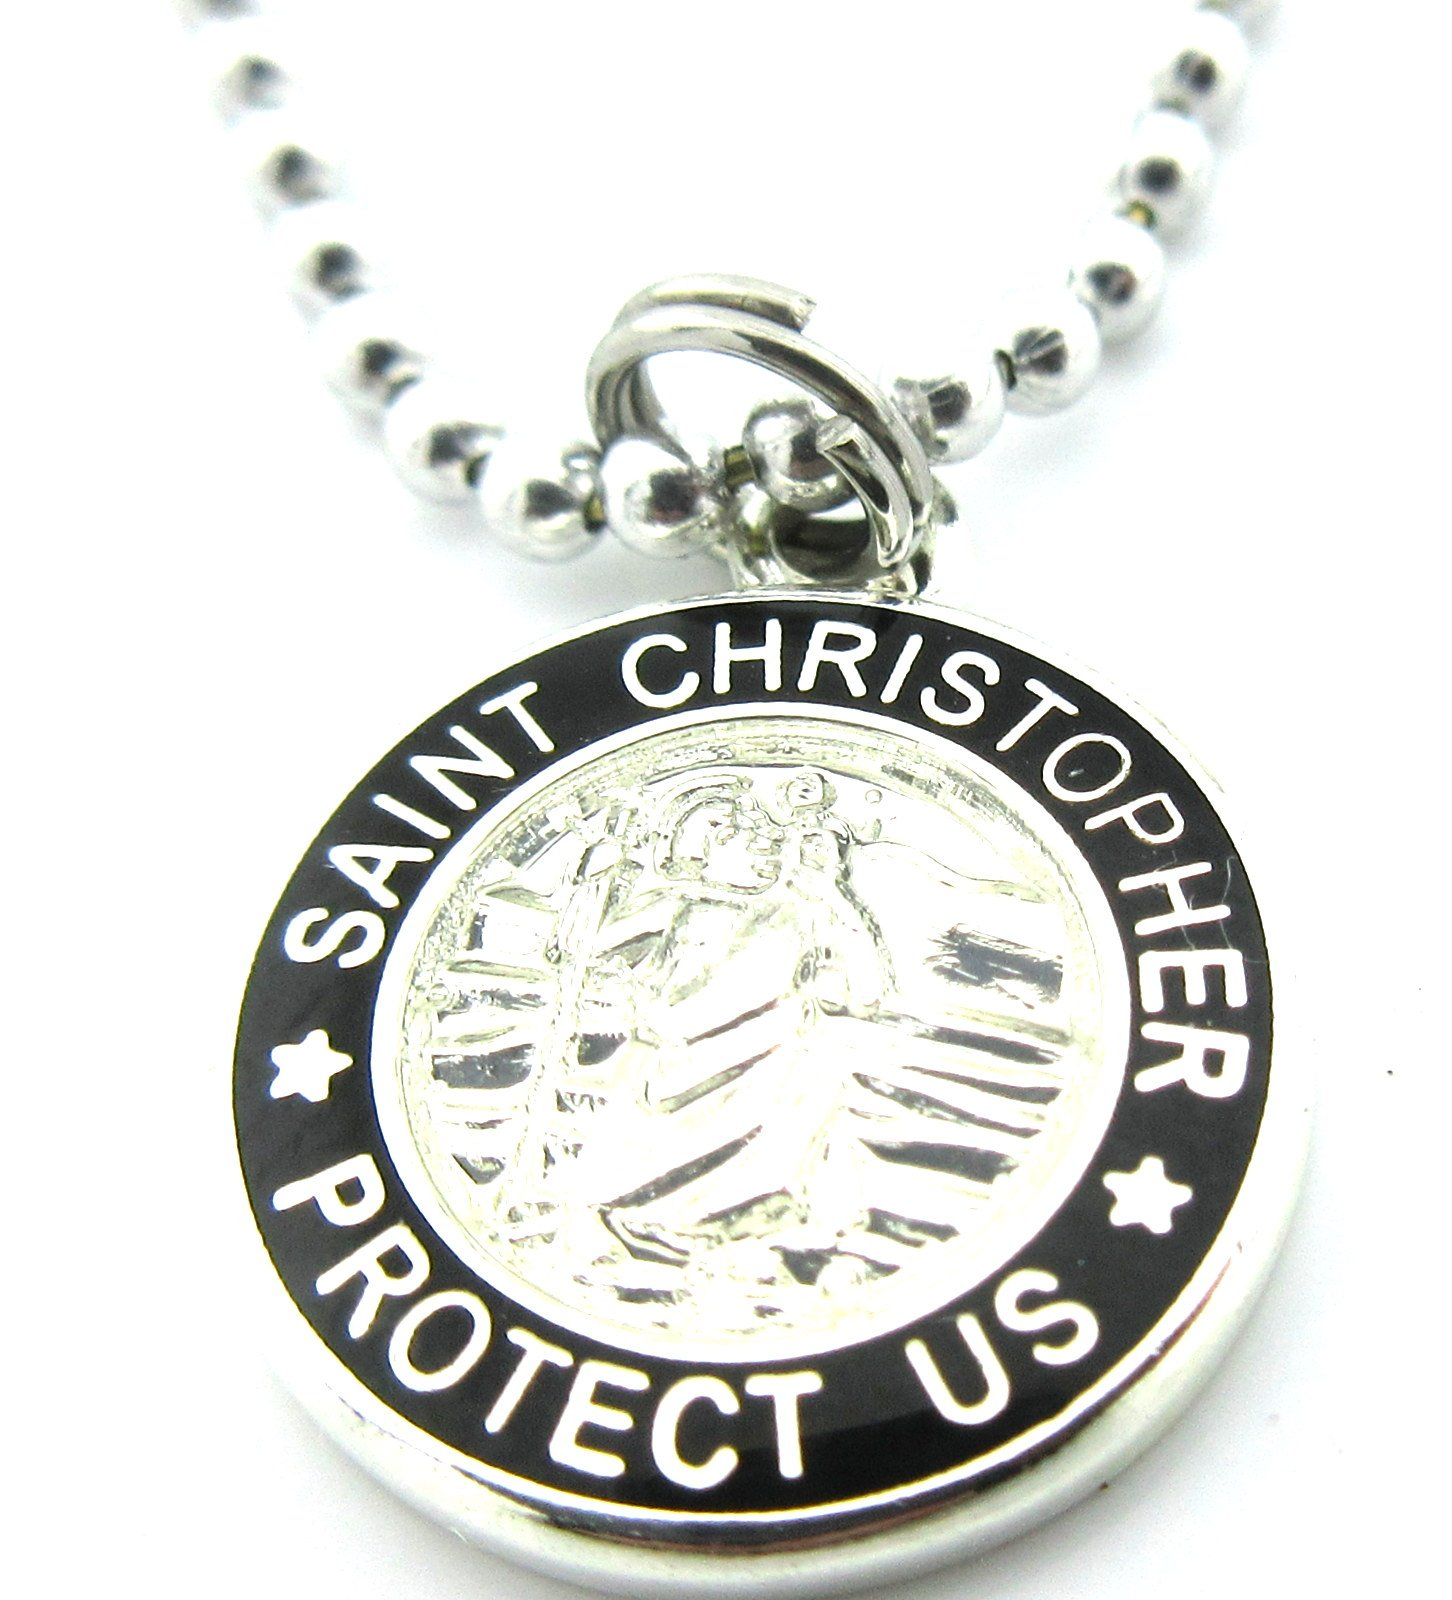 Get Back Supply Co Mini St Christopher Surf Medal Pendant Necklace SV/BK Silver/Black